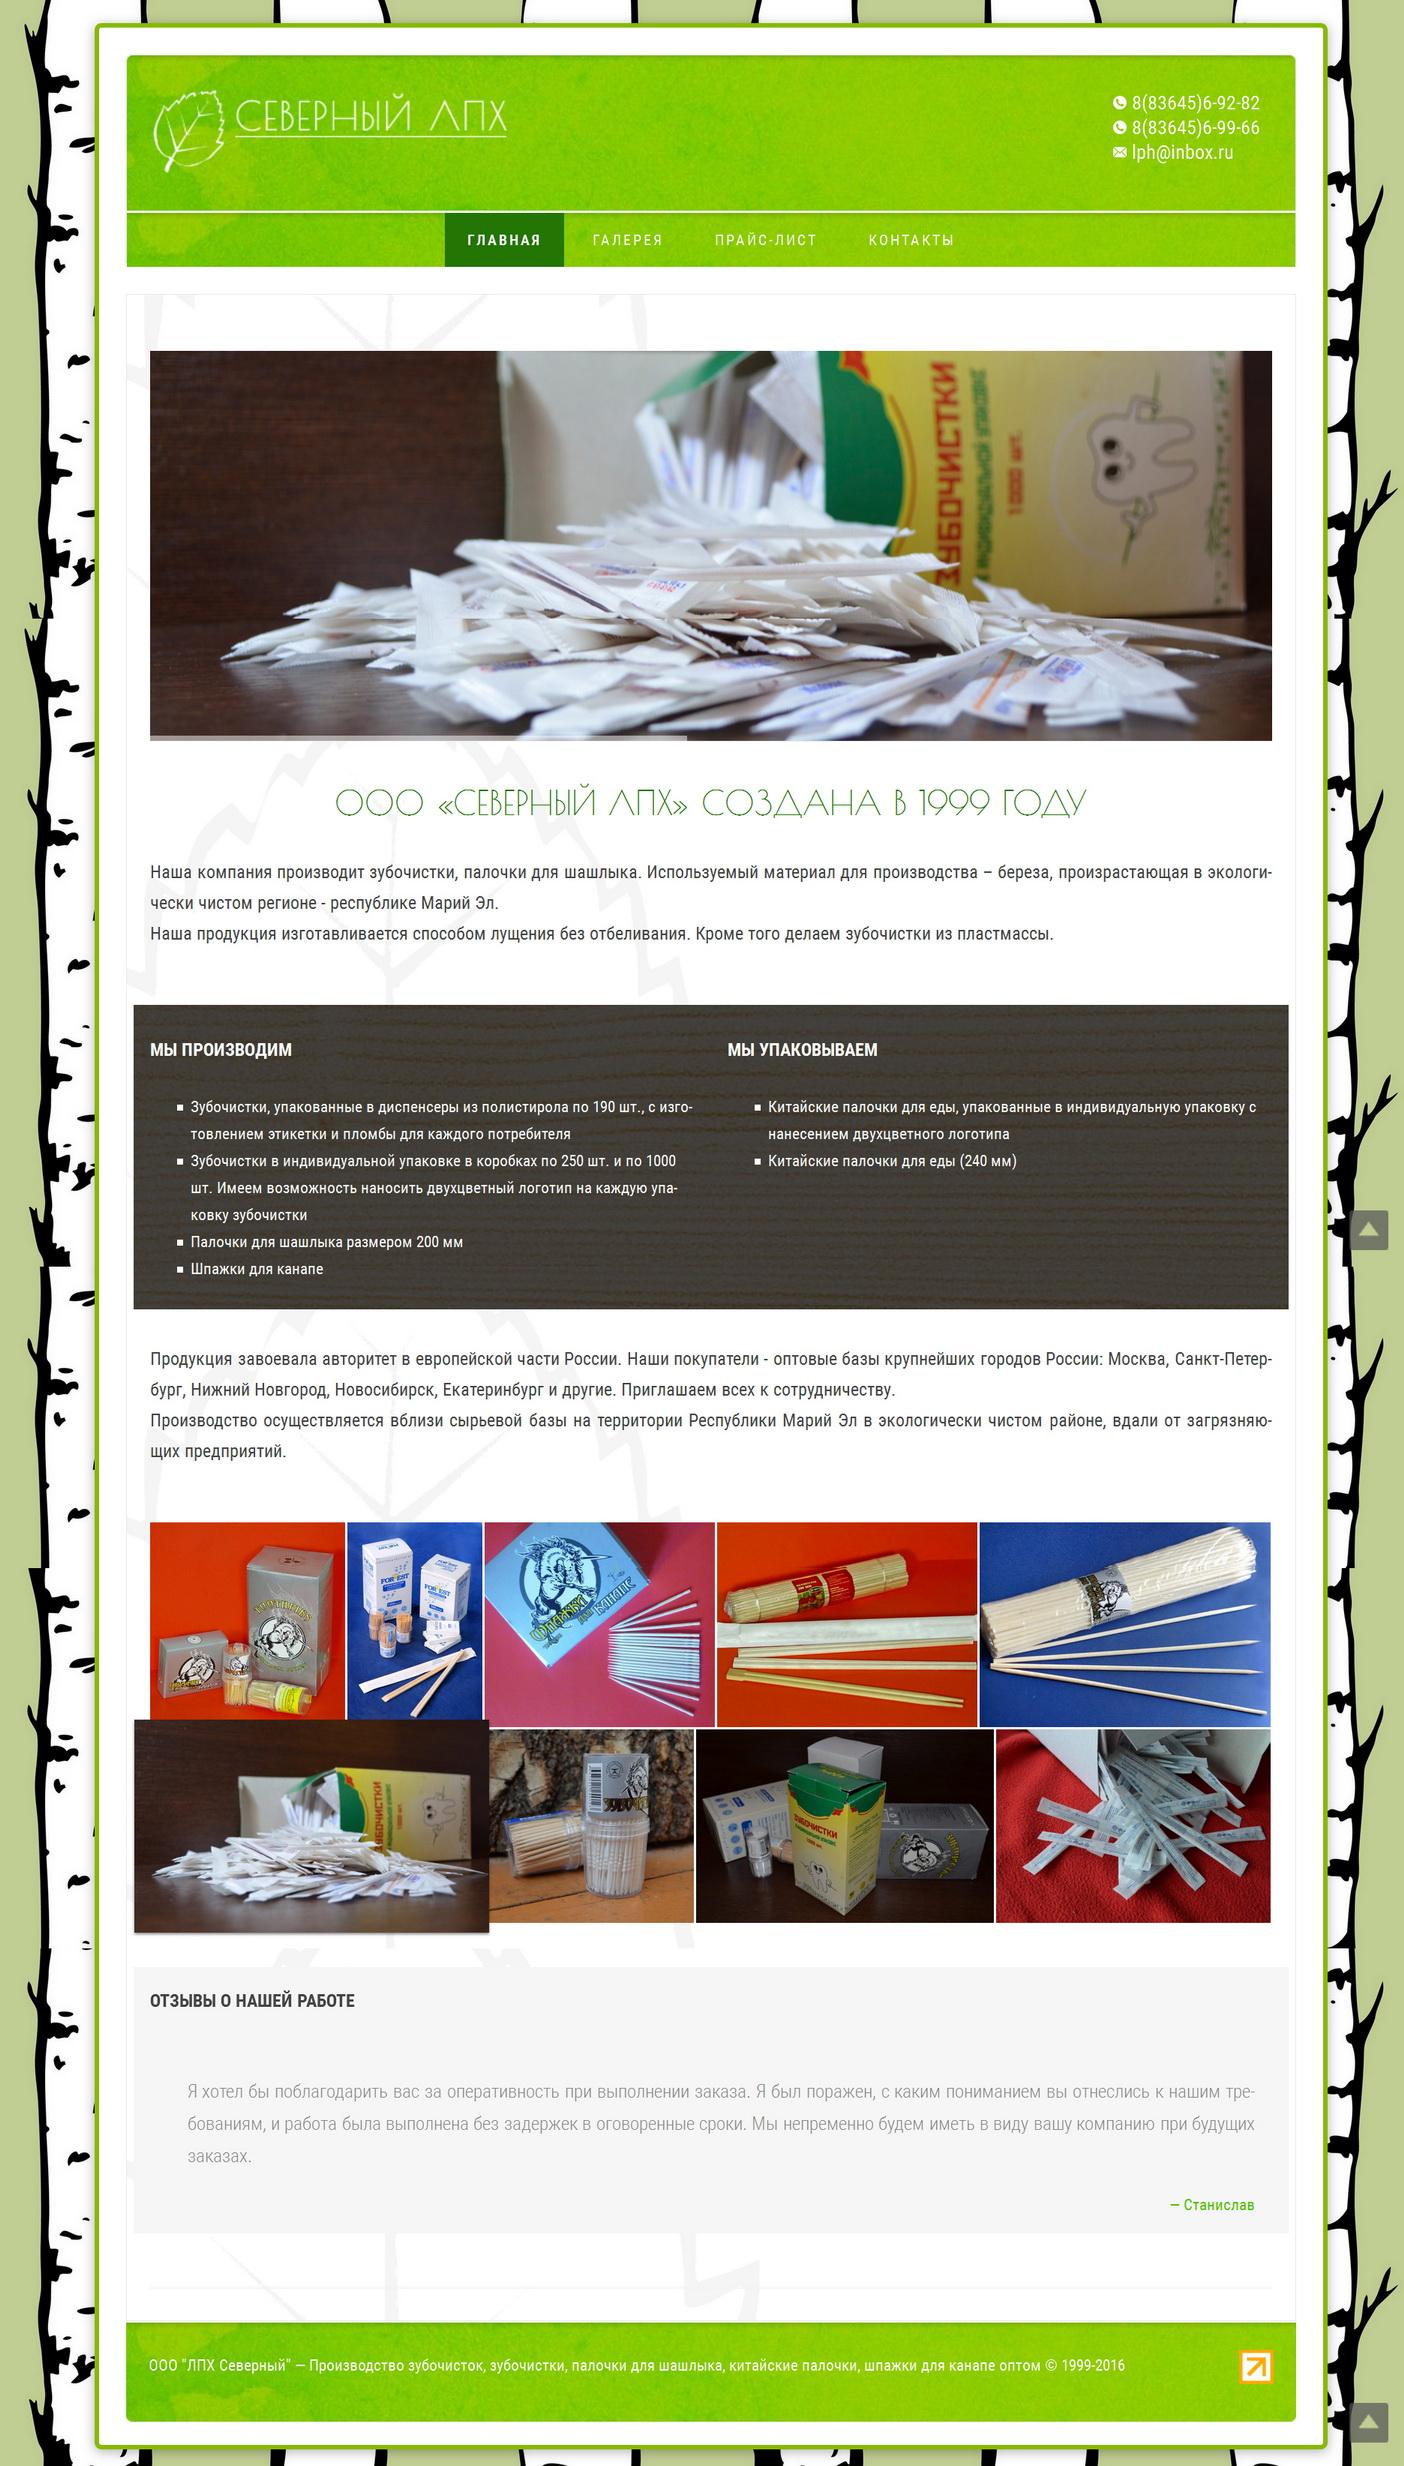 ООО «ЛПХ Северный» - производство зубочисток и палочек для шашлыка